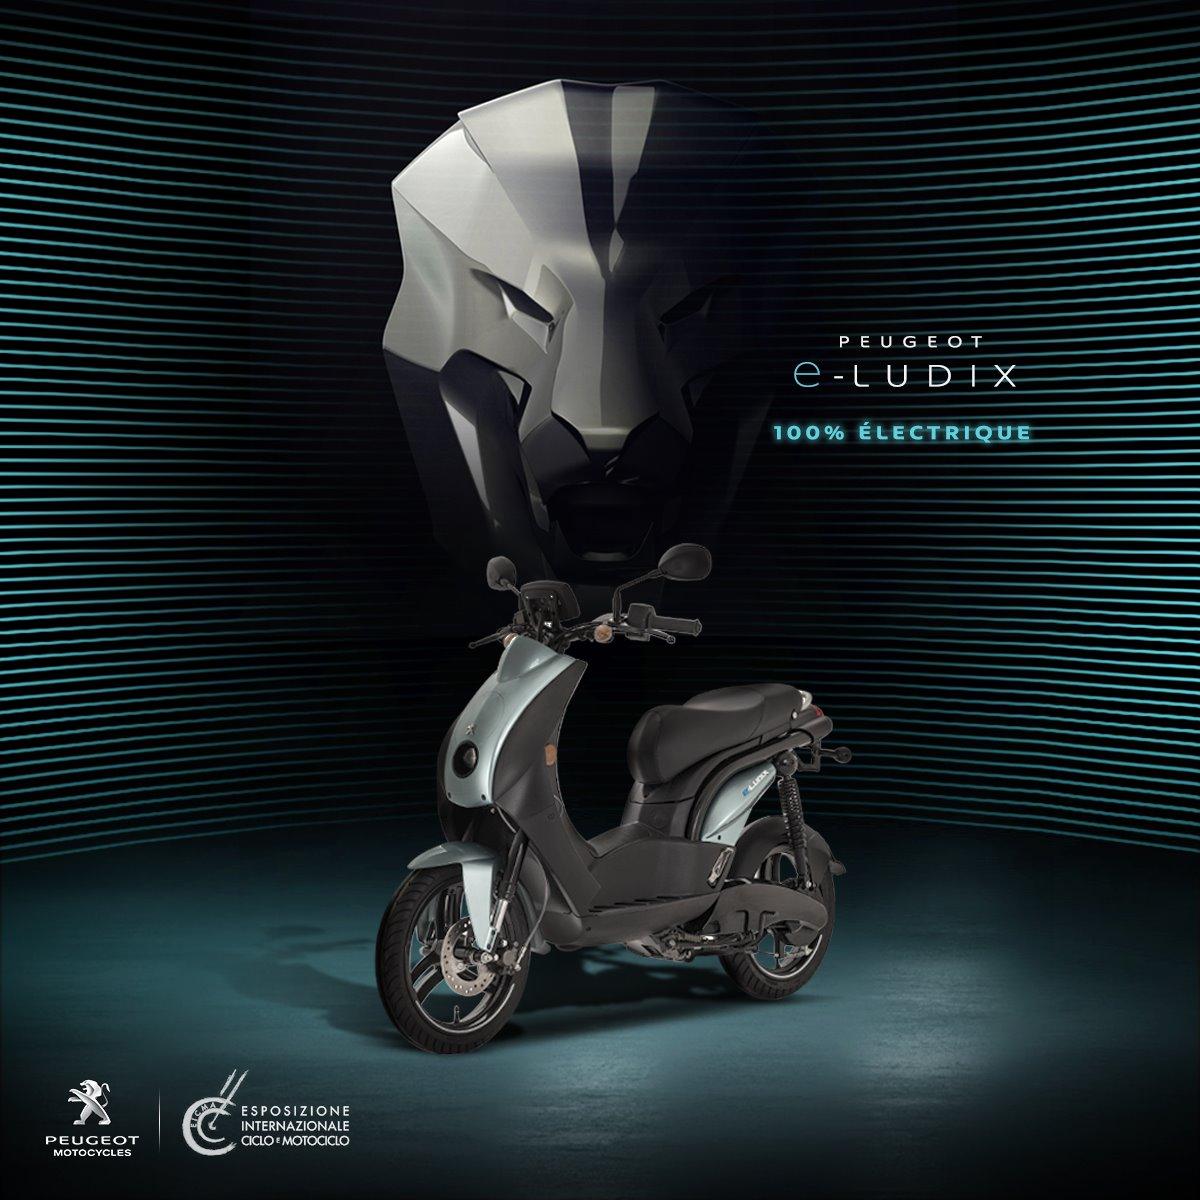 Peugeot E-Ludix 100% Electrique